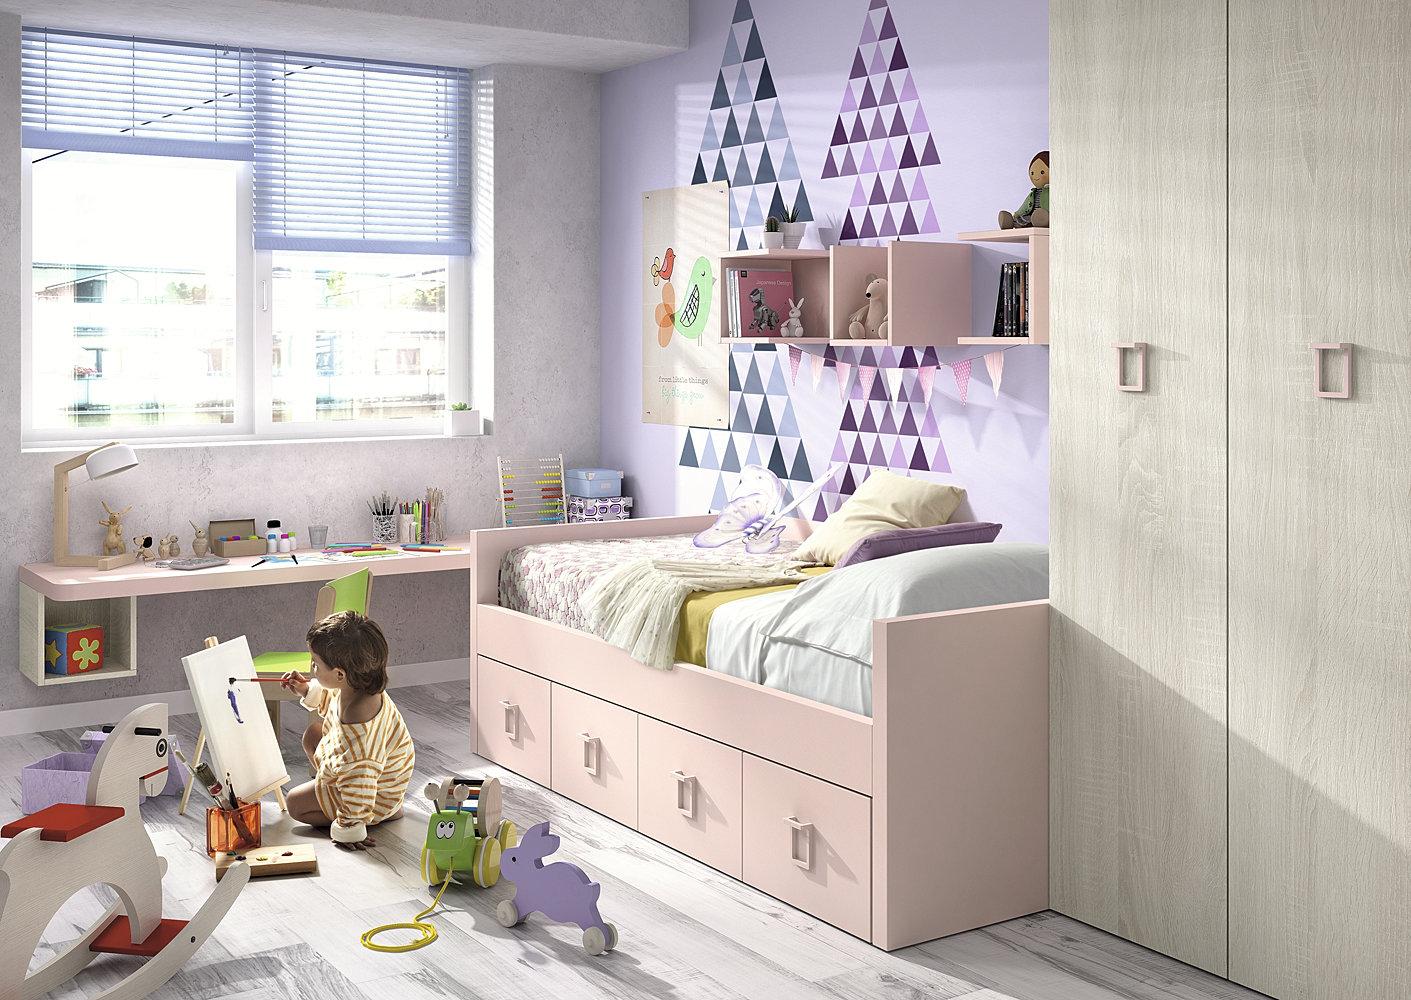 CEDRO Muebles de Hogar  Muebles Valencia  Dormitorios juveniles 3